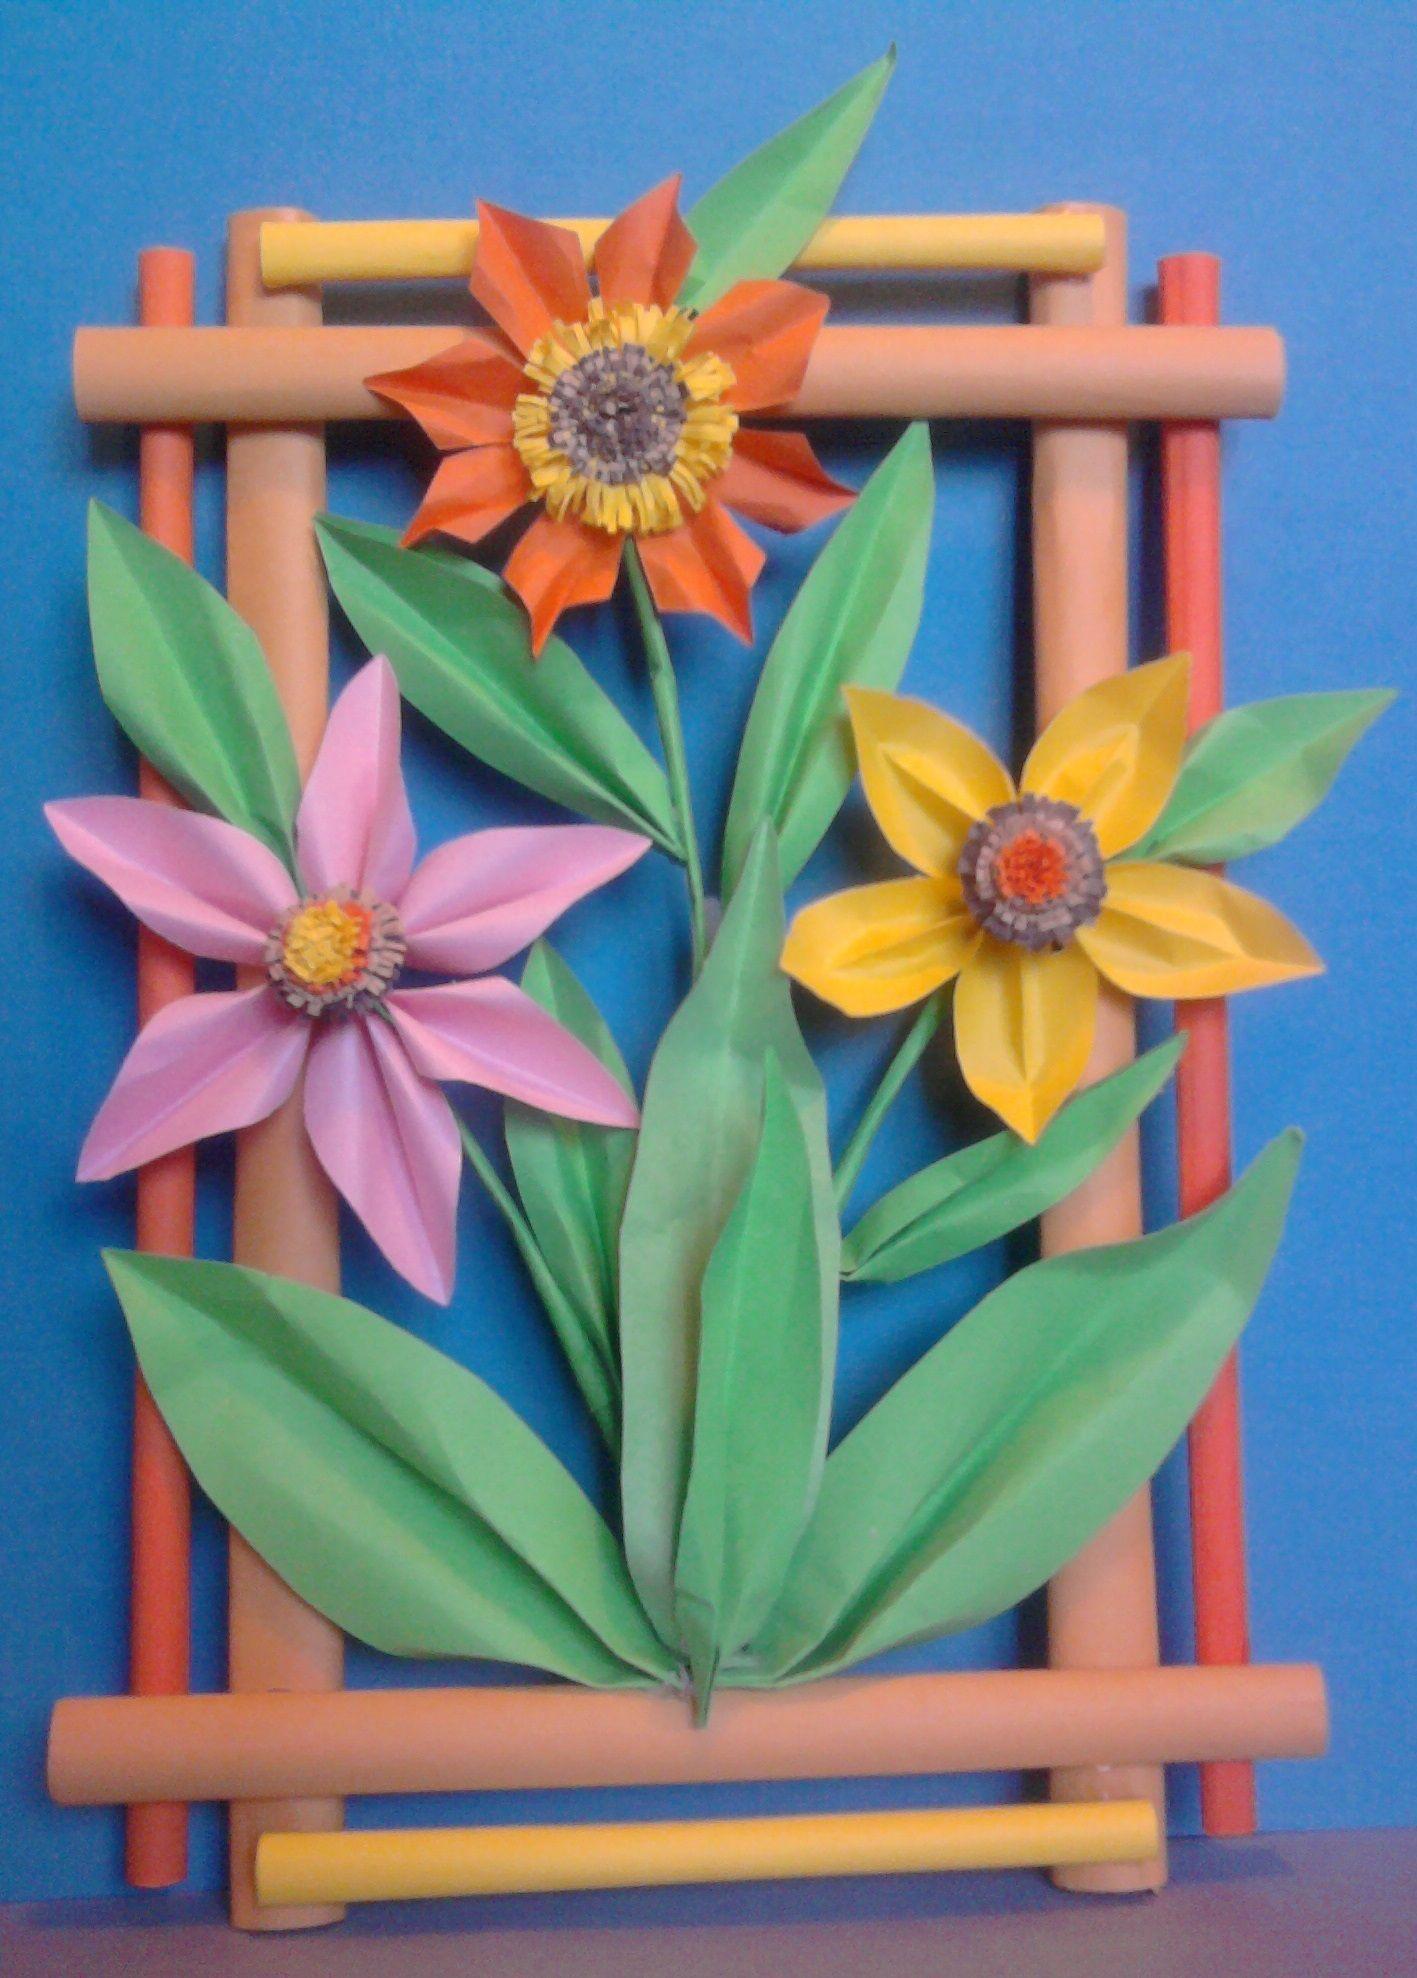 Kwiaty Z Papieru Ikebana Prace Plastyczne Dariusz Zolynski Flowers Paper Paper Flowers Orgiami K Paper Crafts Paper Flowers How To Make Paper Flowers